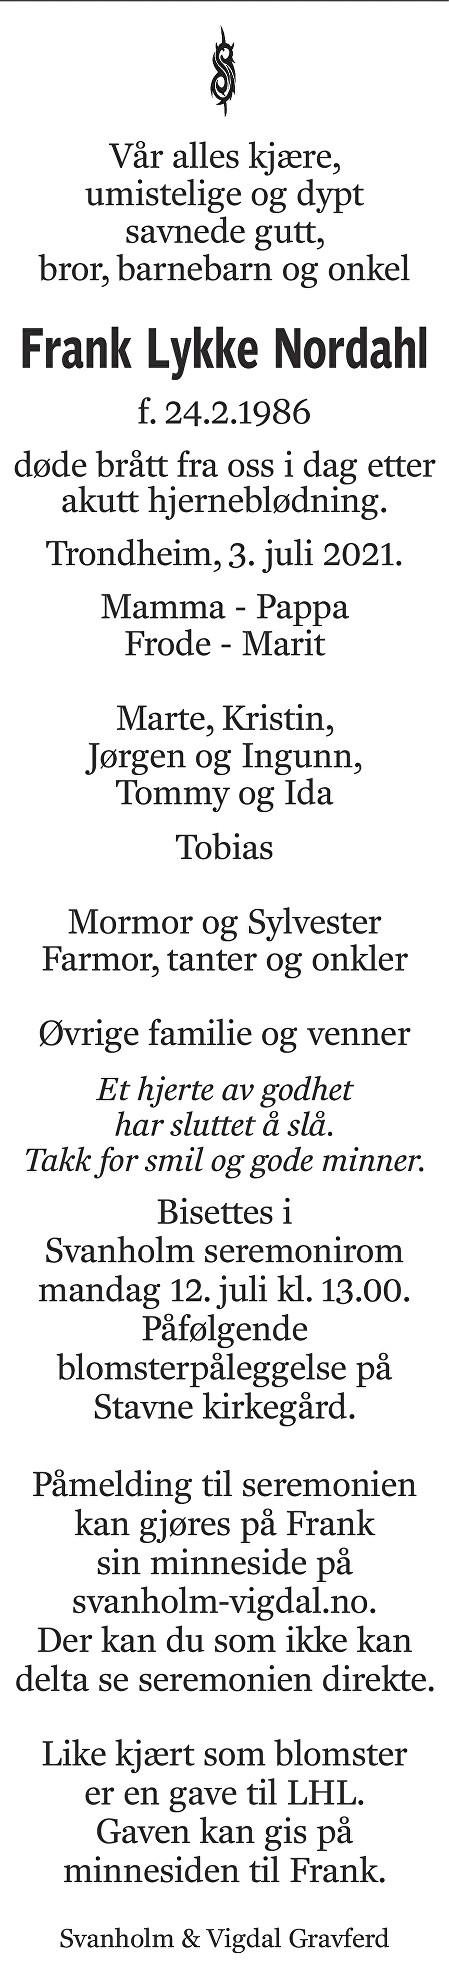 Frank Lykke Nordahl Dødsannonse